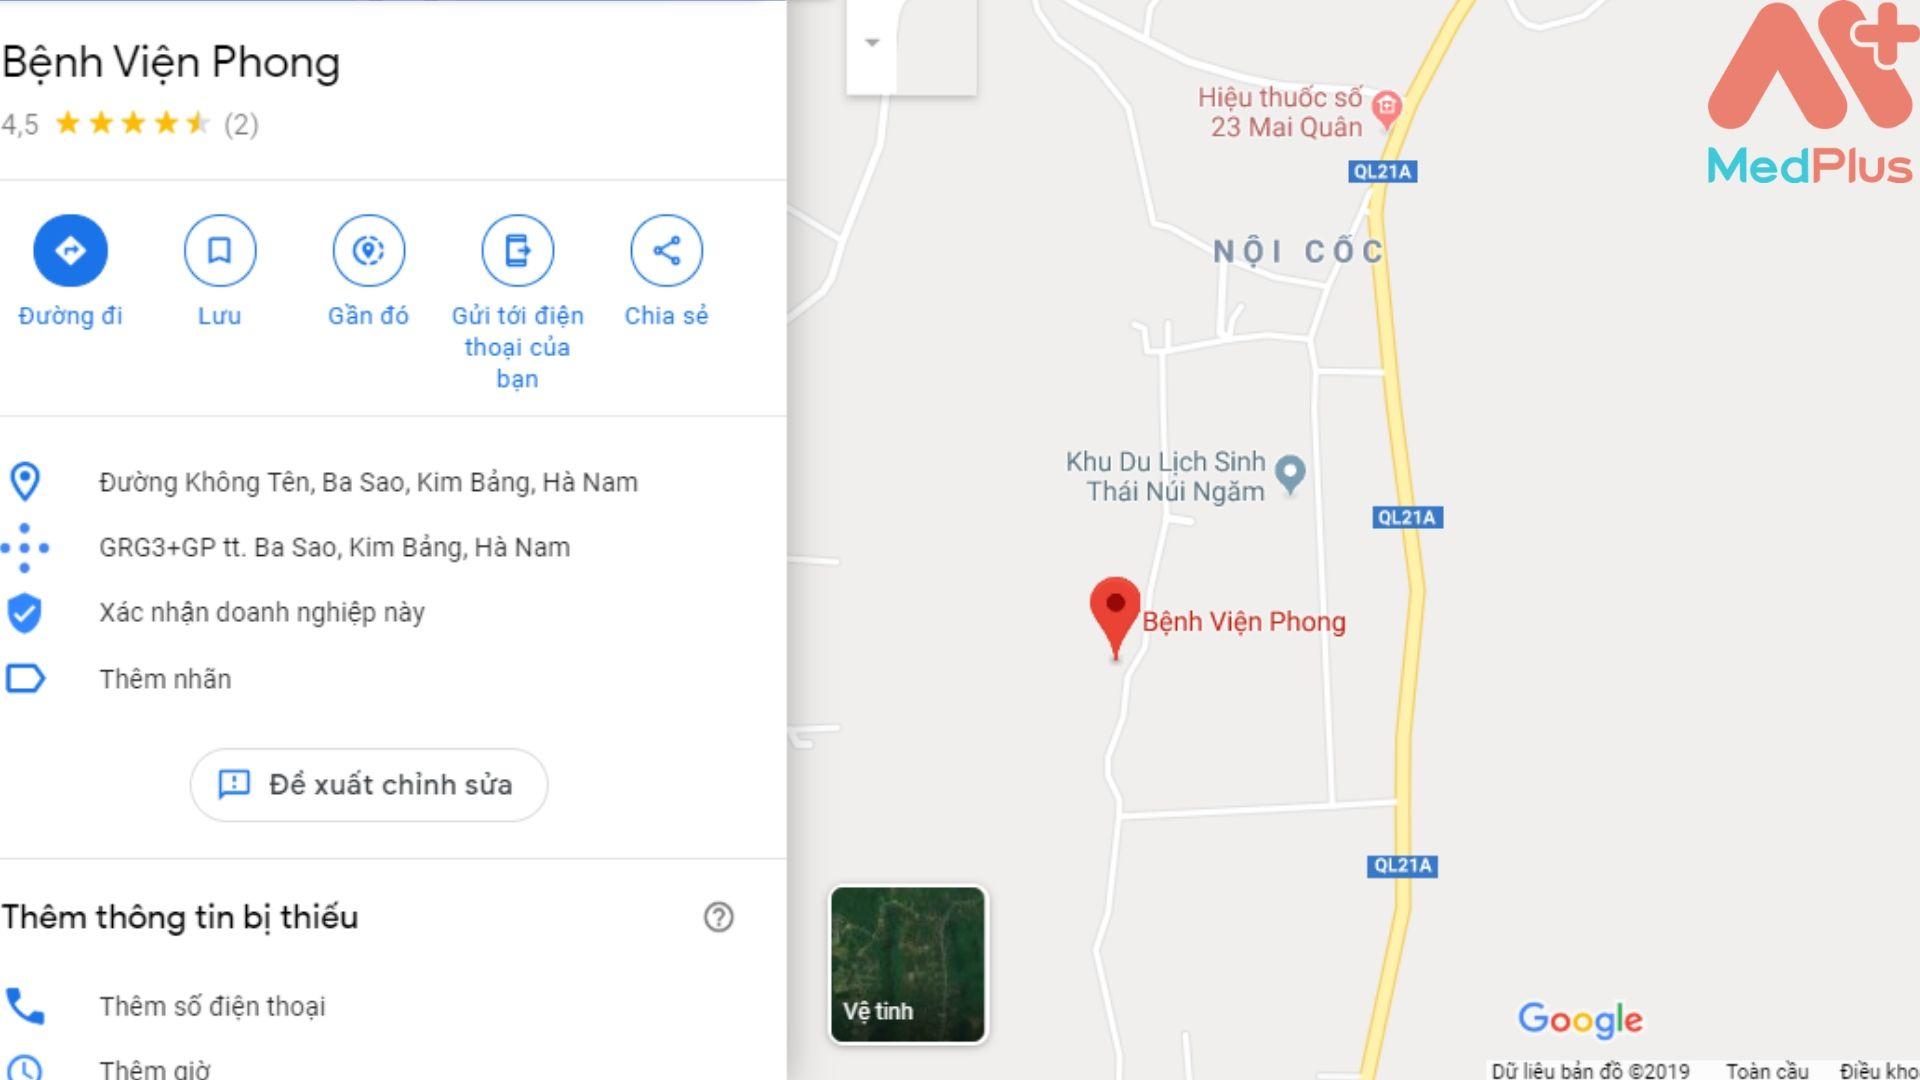 Địa chỉ Bệnh viện Phong Hà Nam